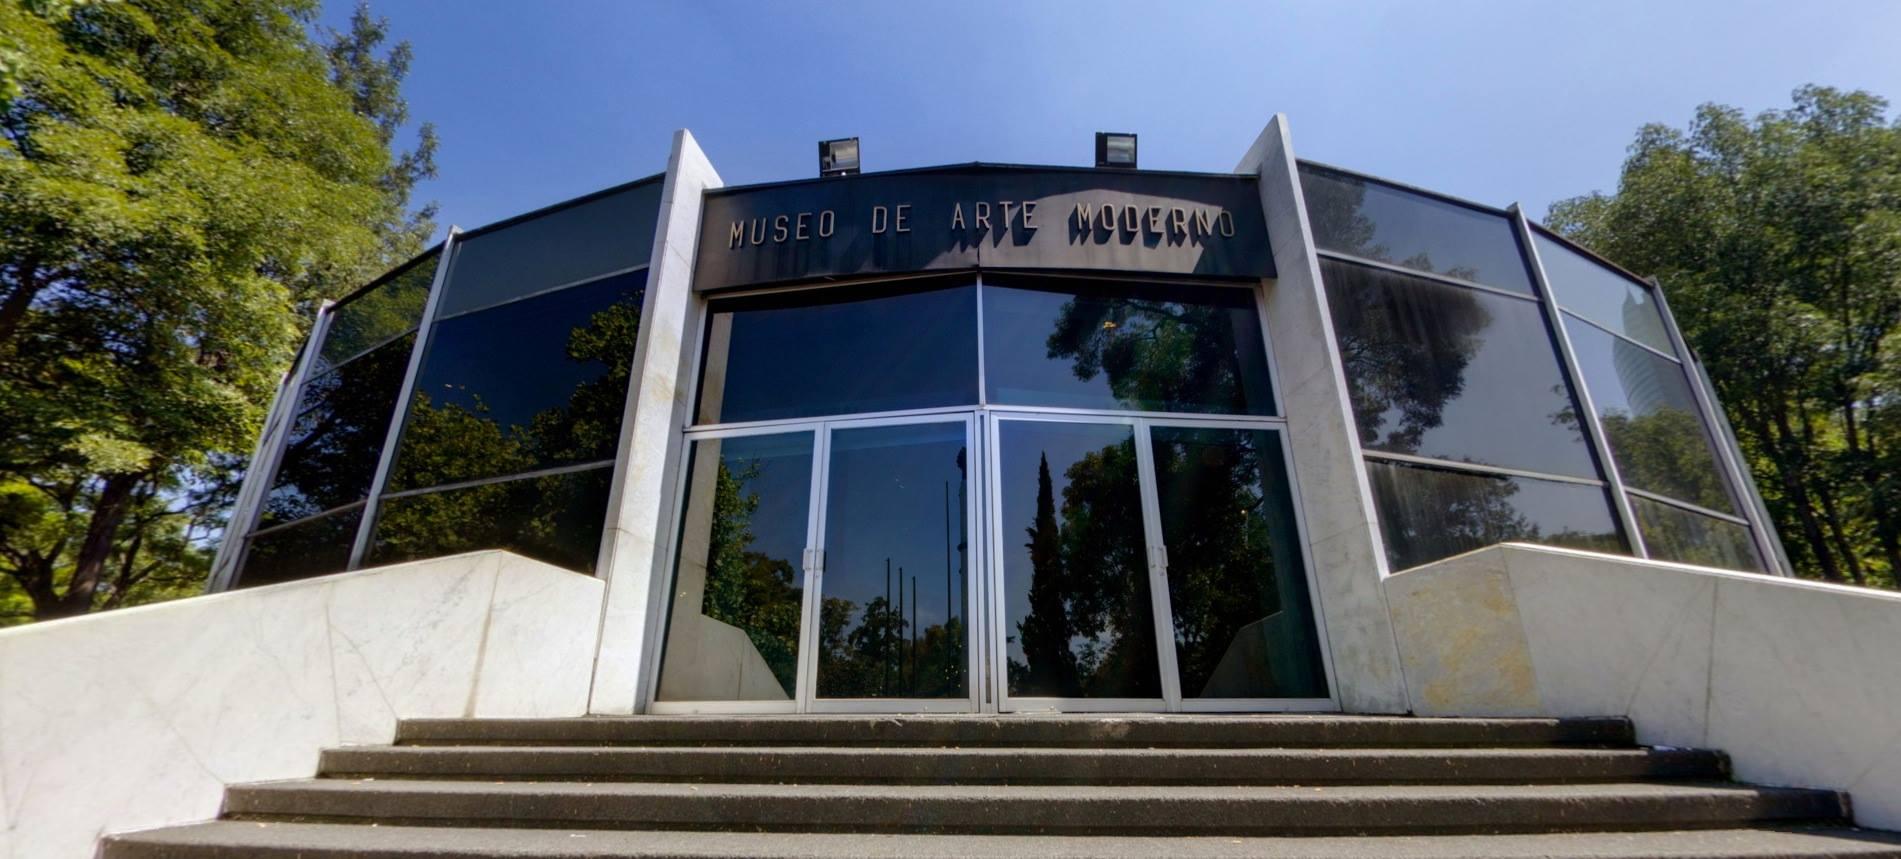 foto museo de arte moderno mexico facebook 6 abril 2015